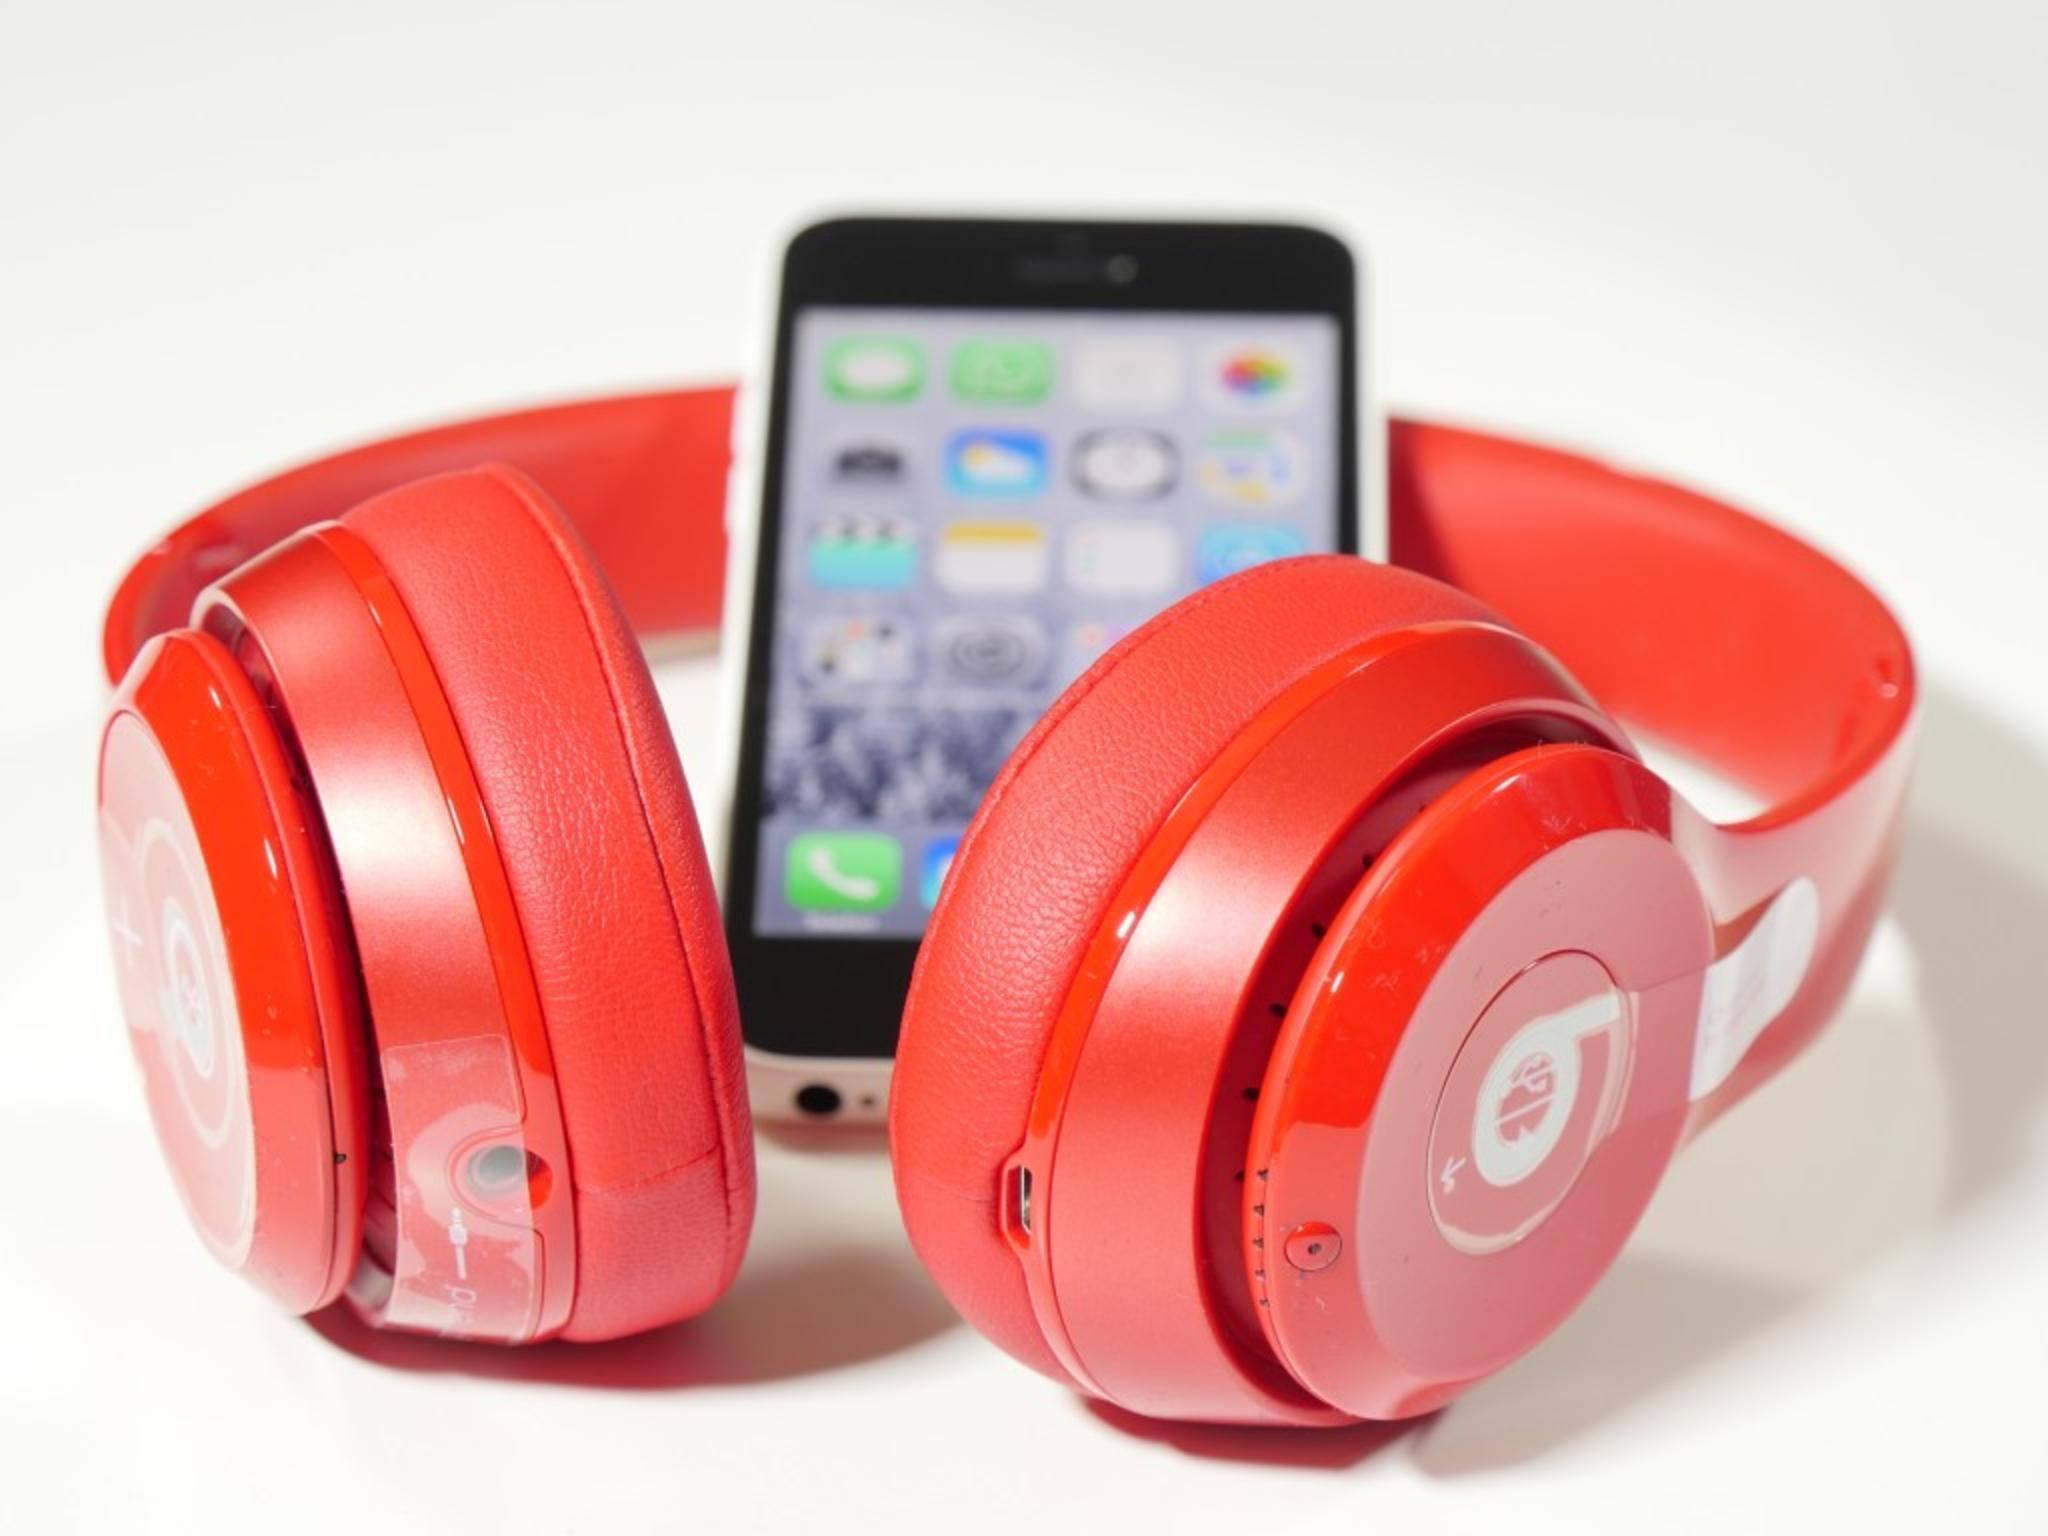 Der Beats Solo 2 Wireless ist einer der teuersten Bluetooth-Kopfhörer.